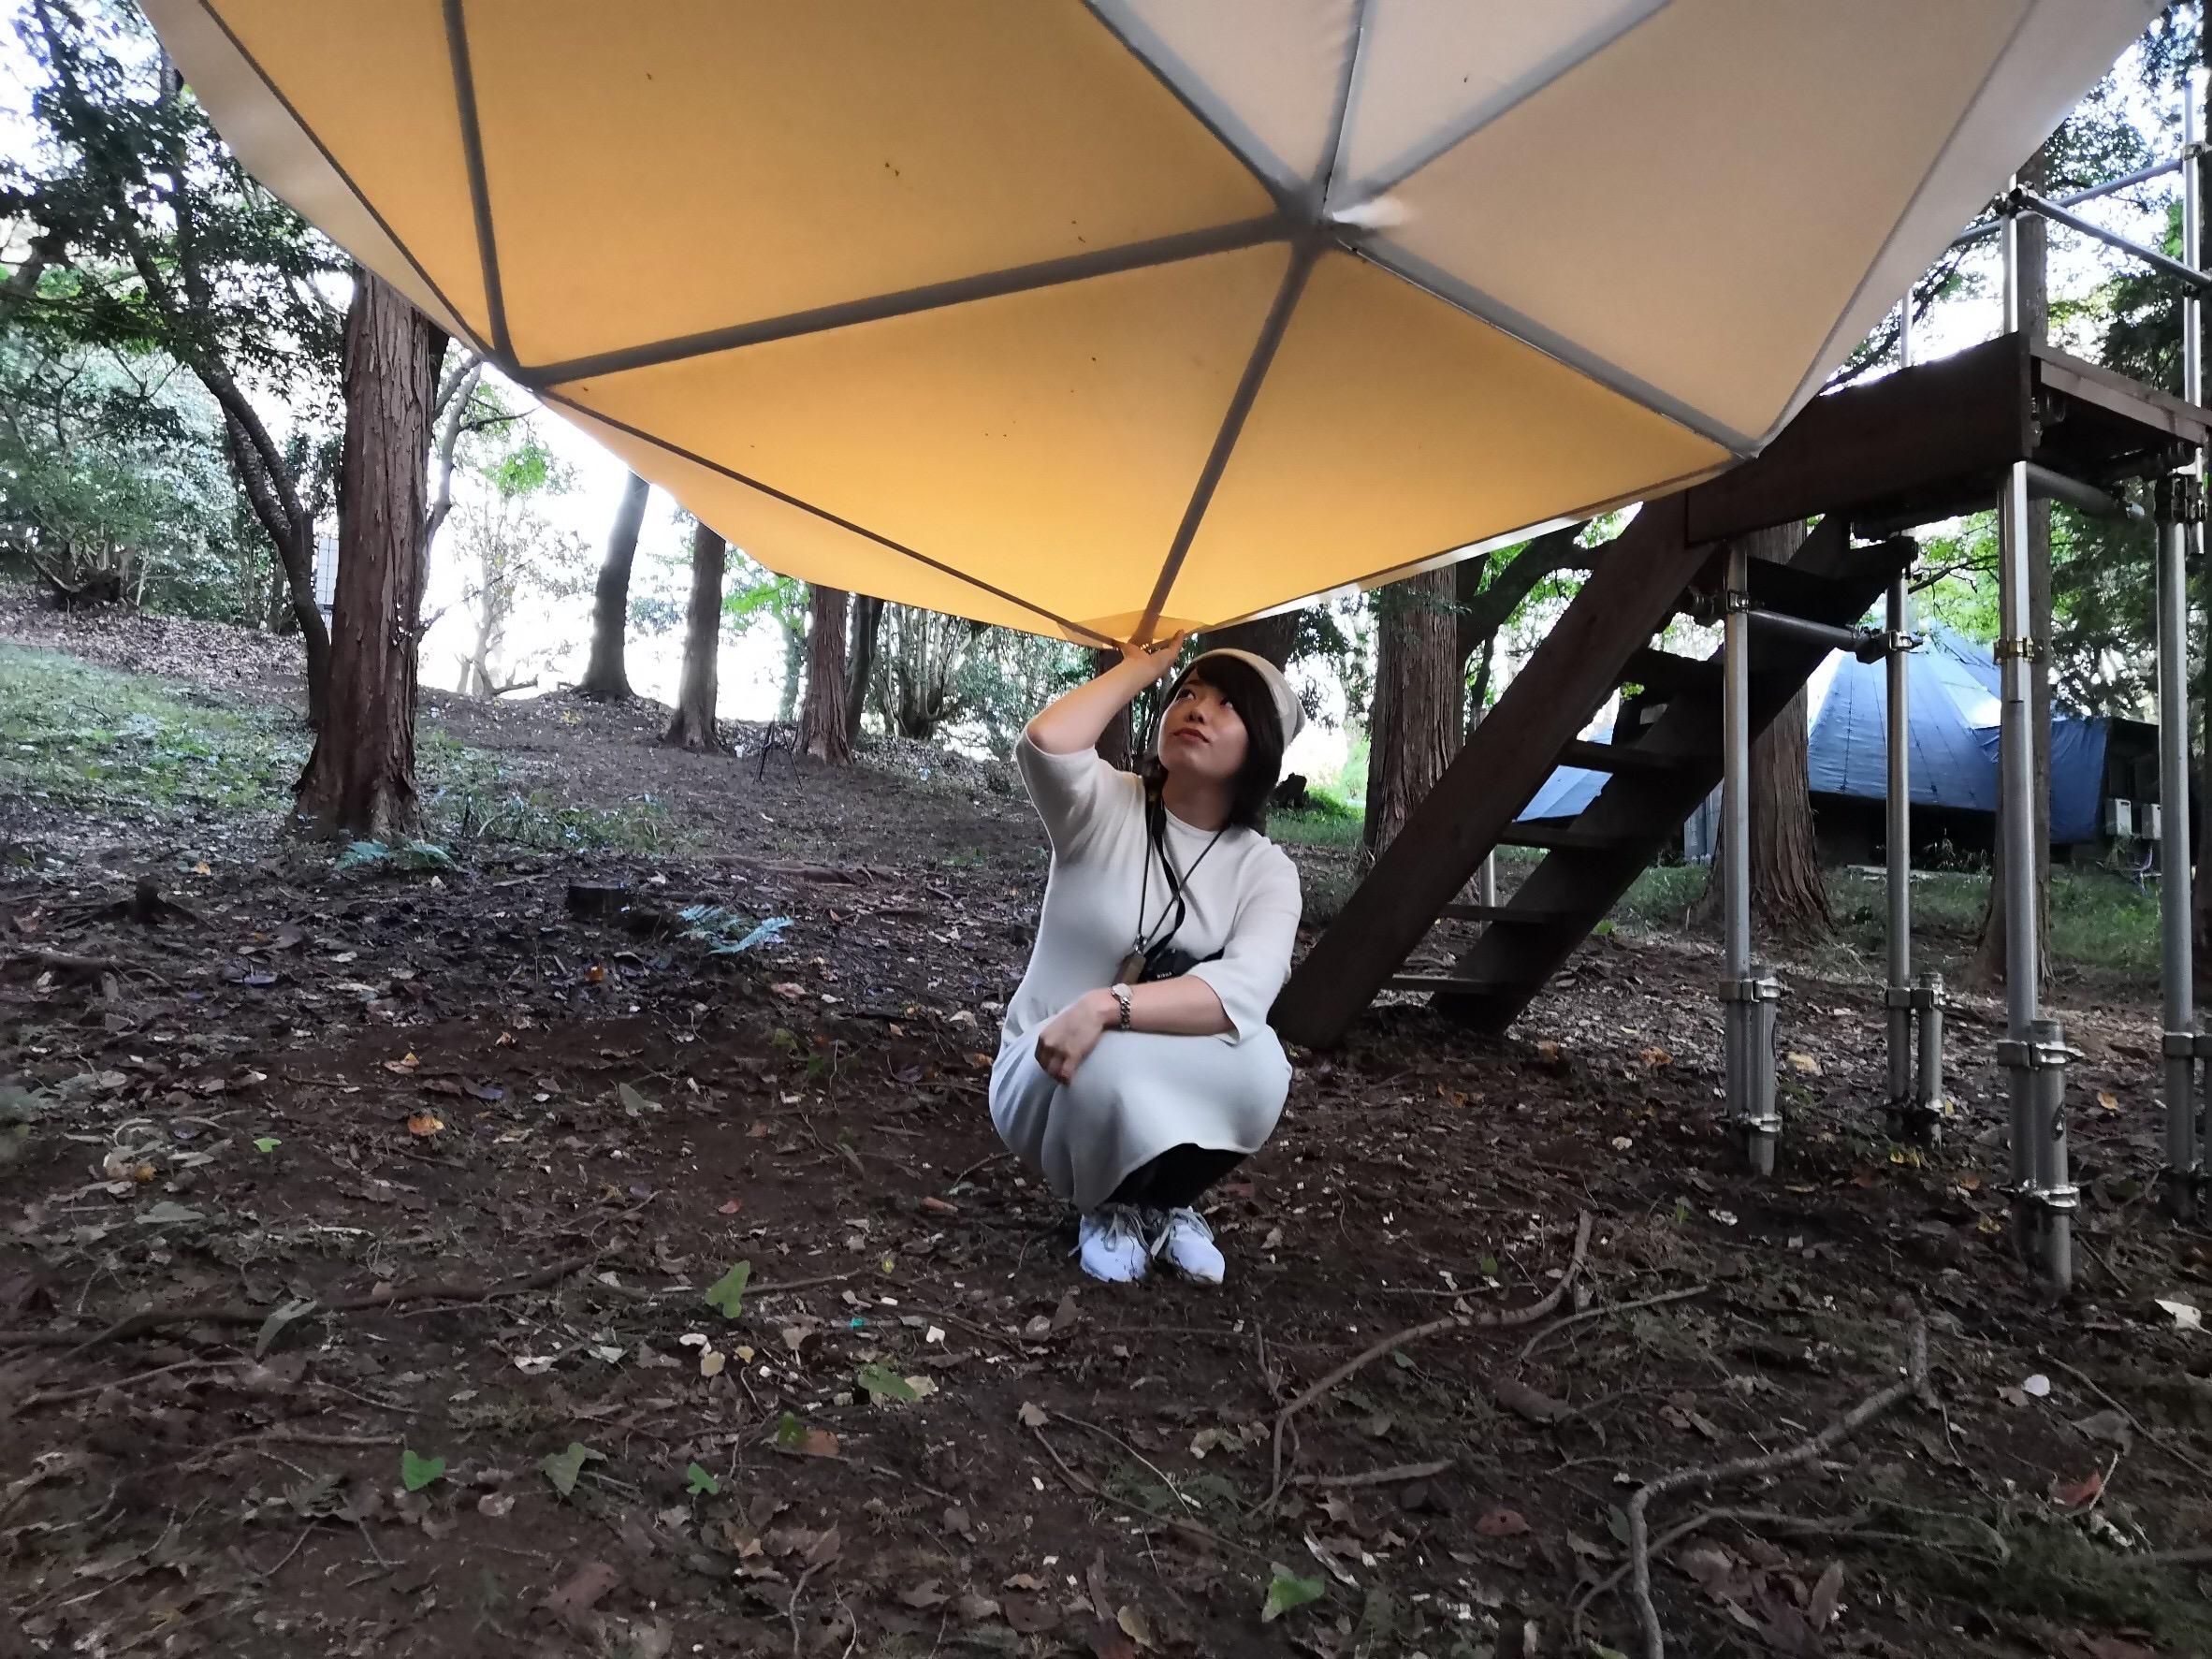 【女子旅におすすめ】森に浮かぶテントに泊まれちゃう♡《INN THE PARK》@沼津_4